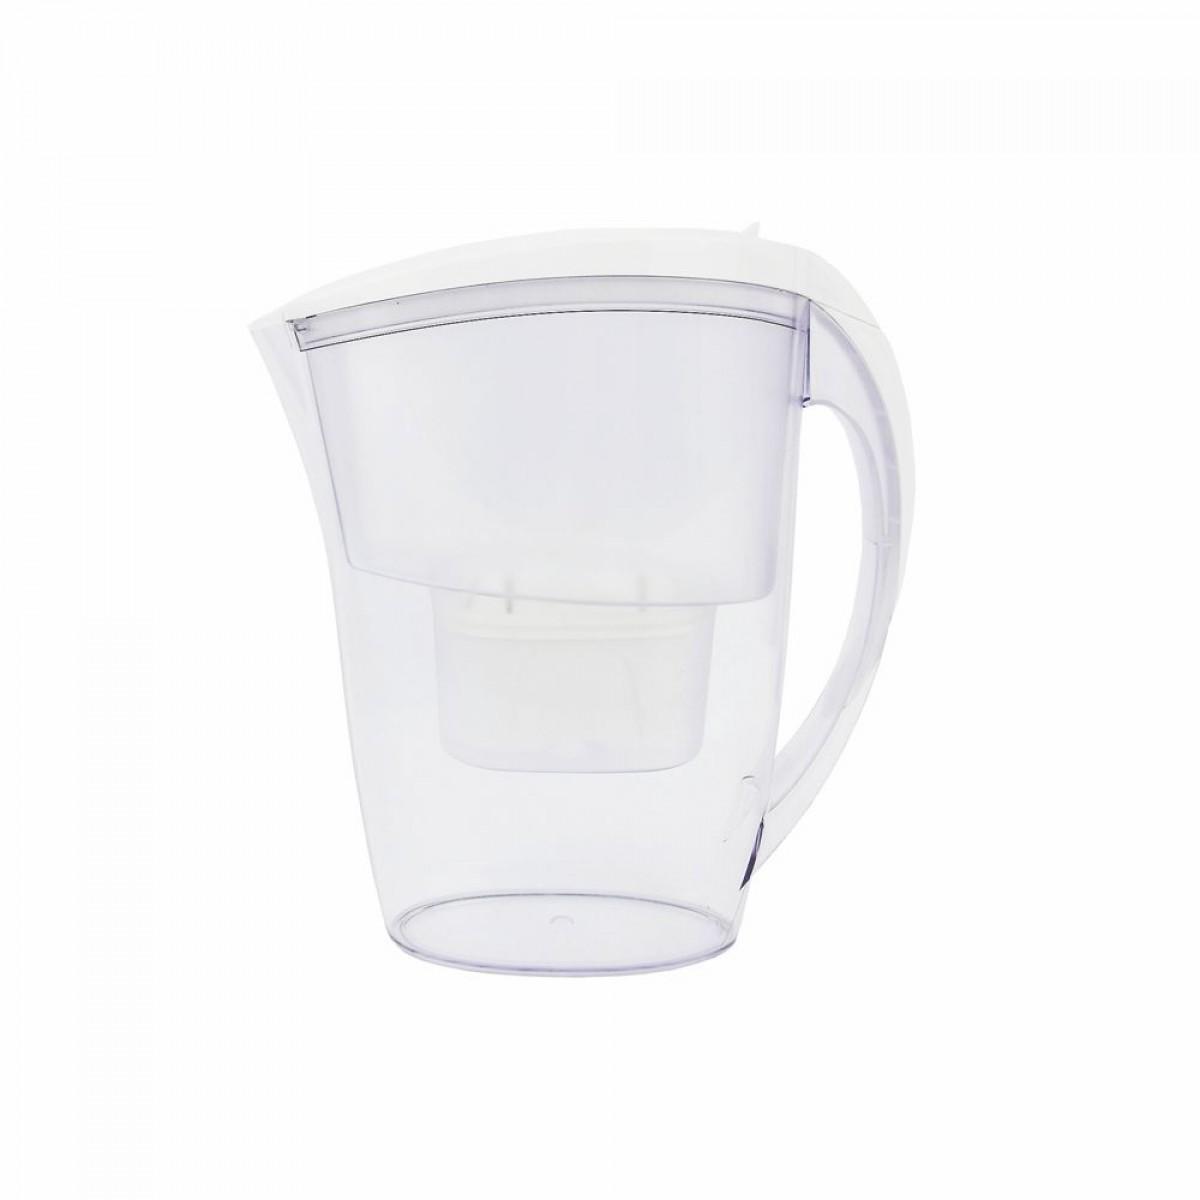 CONZEPT Vandkande m/kulfilter 2,4 ltr